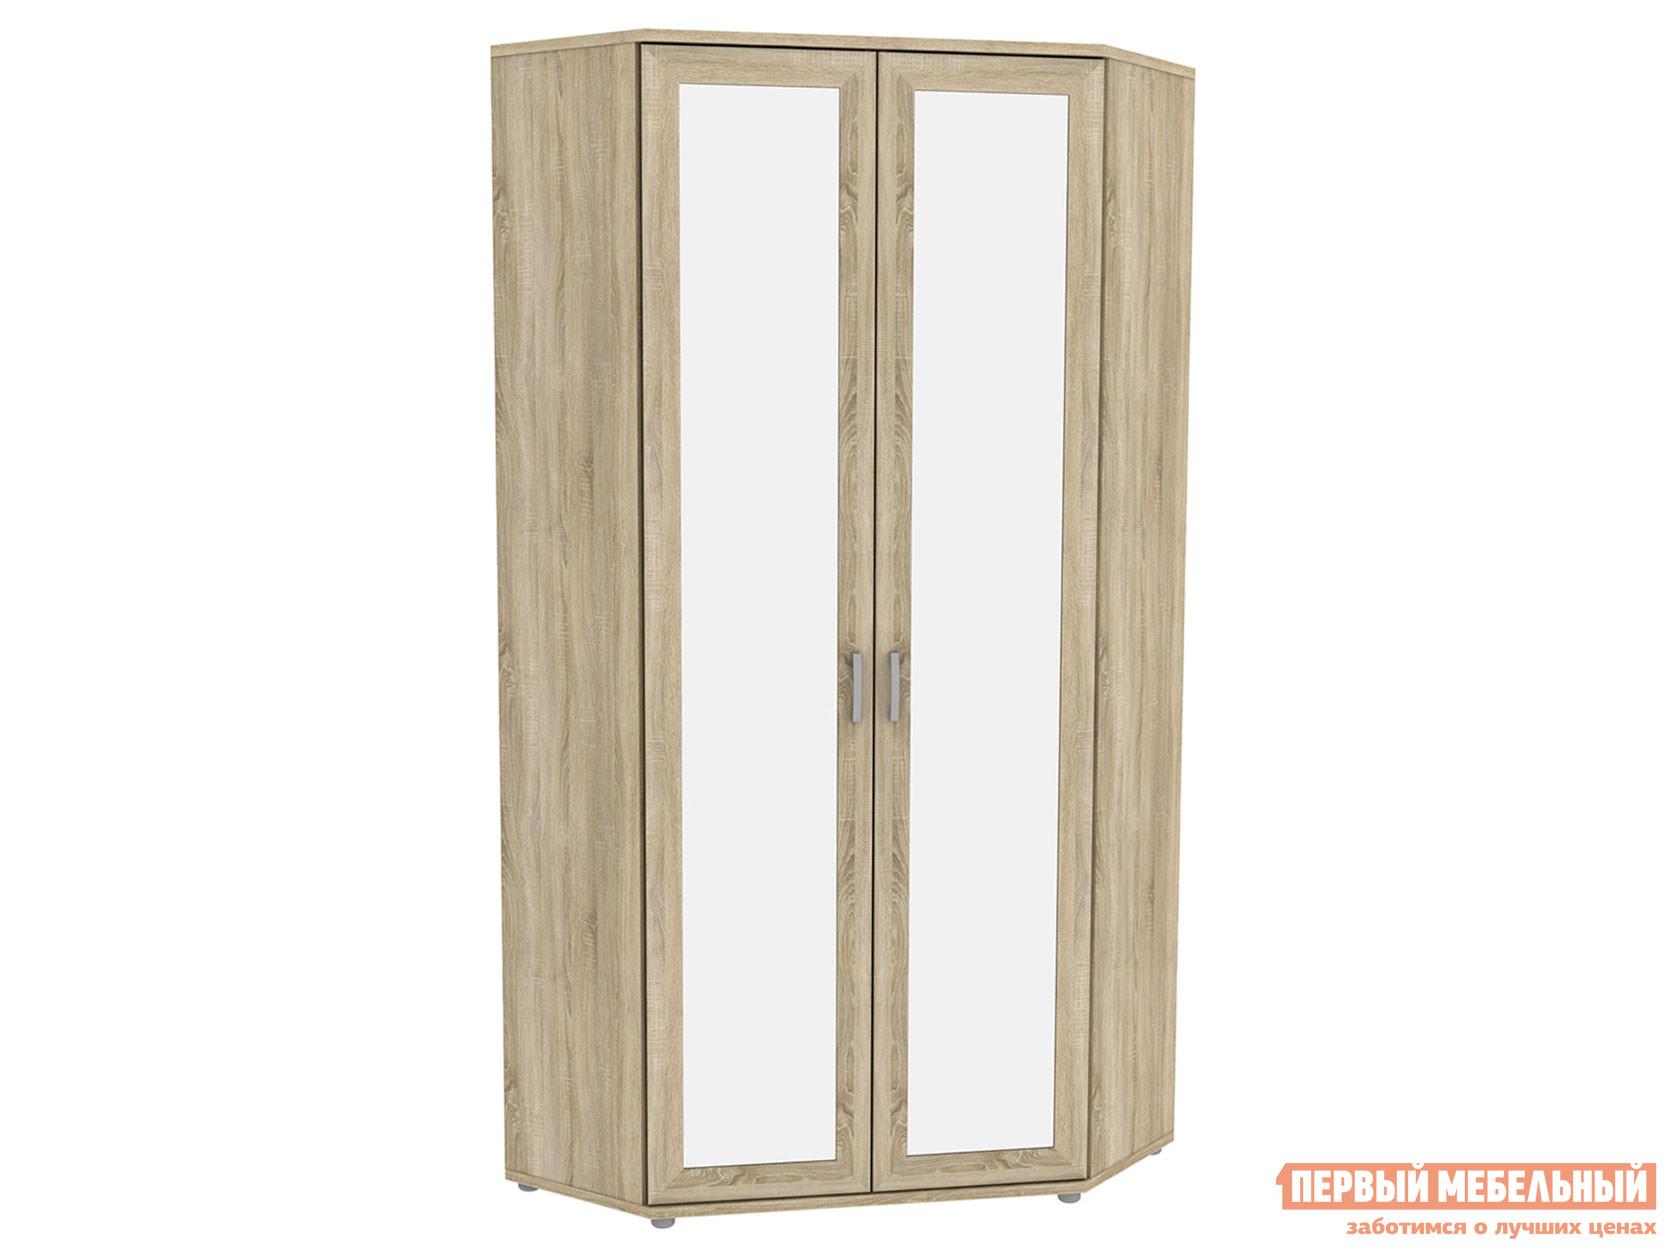 Распашной шкаф  угловой с зеркалами Леруа 533.02 Дуб Сонома Уют сервис 86026